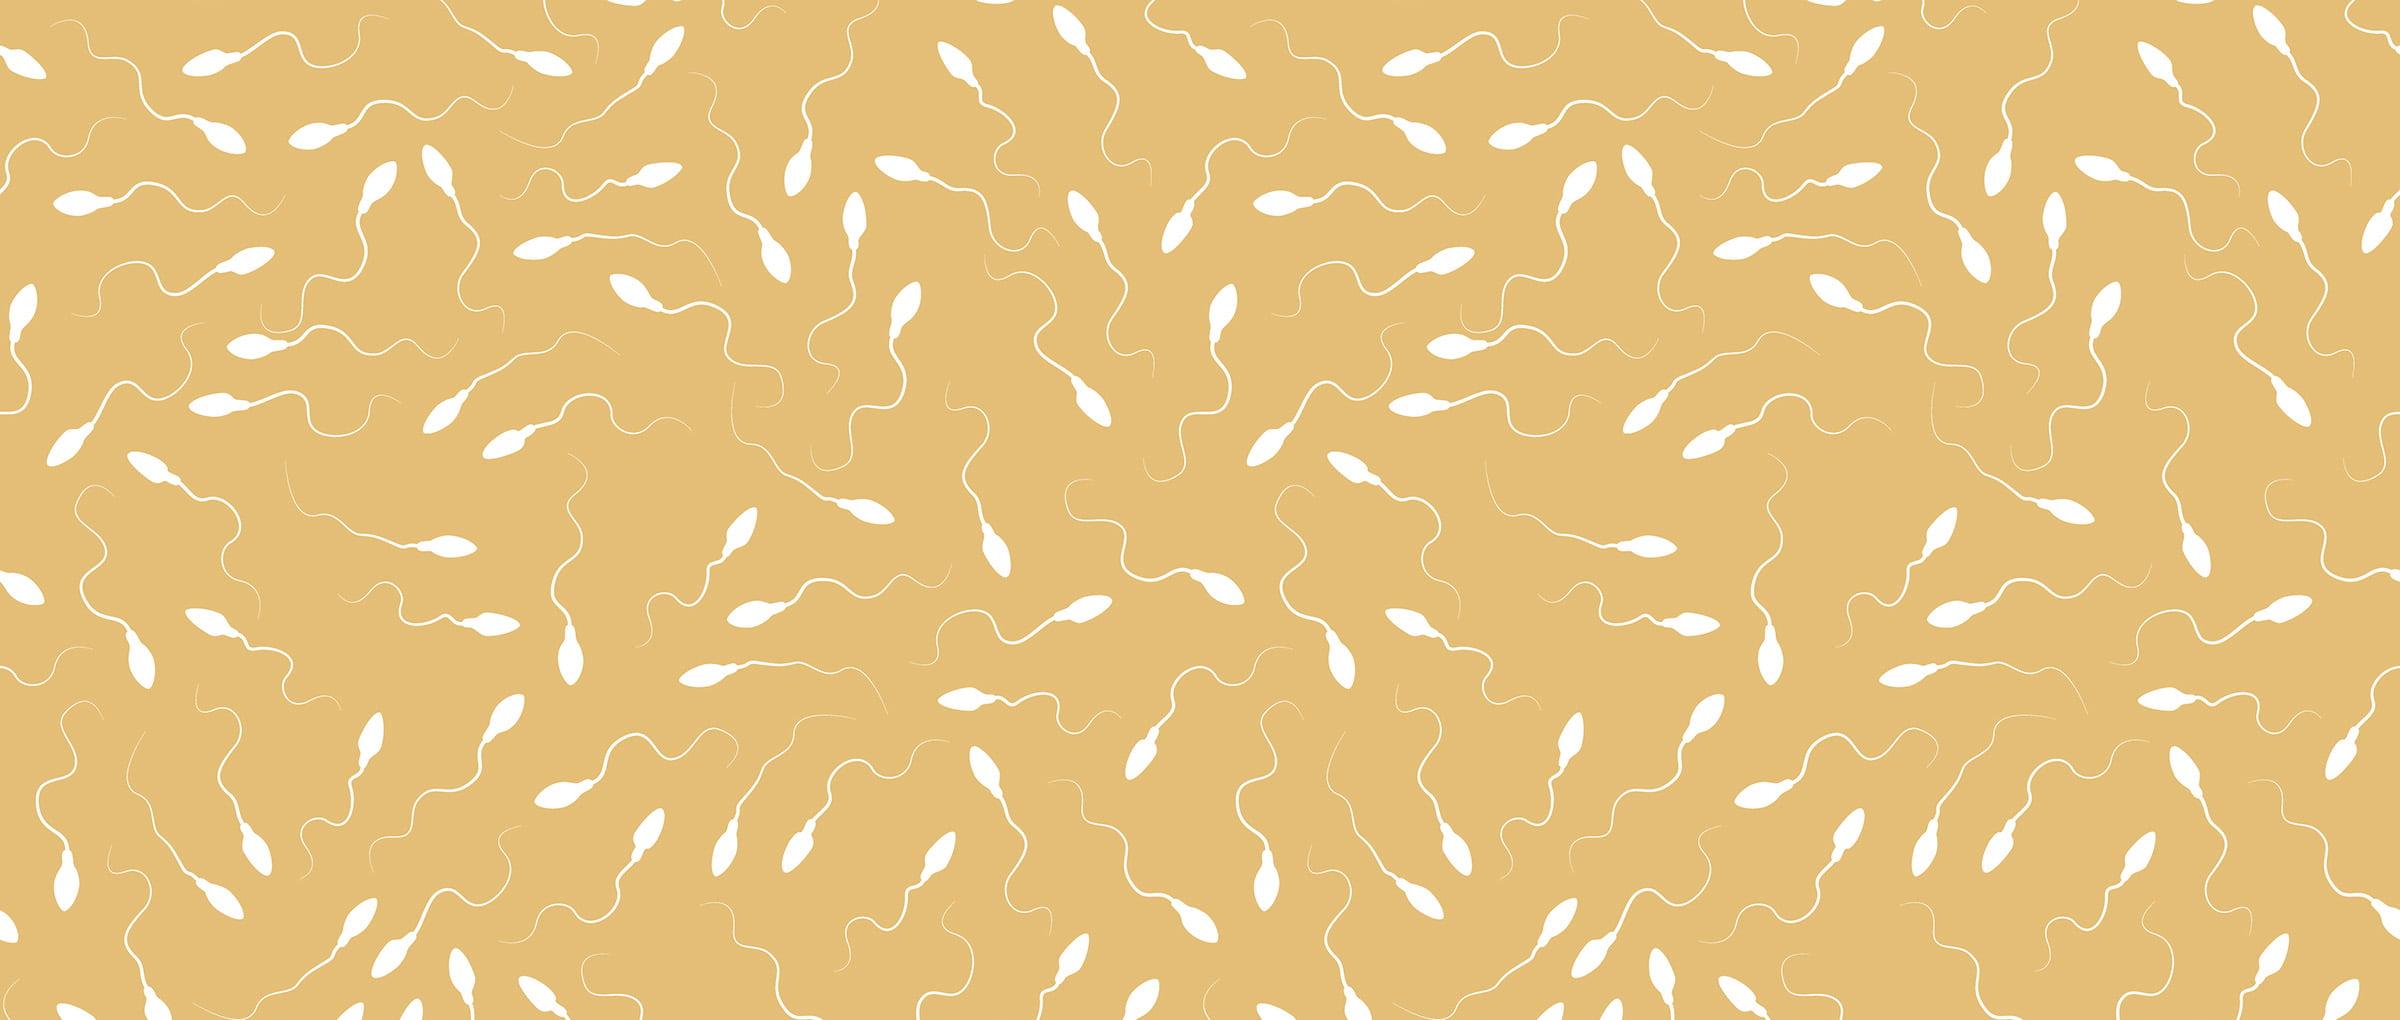 Calidad del semen